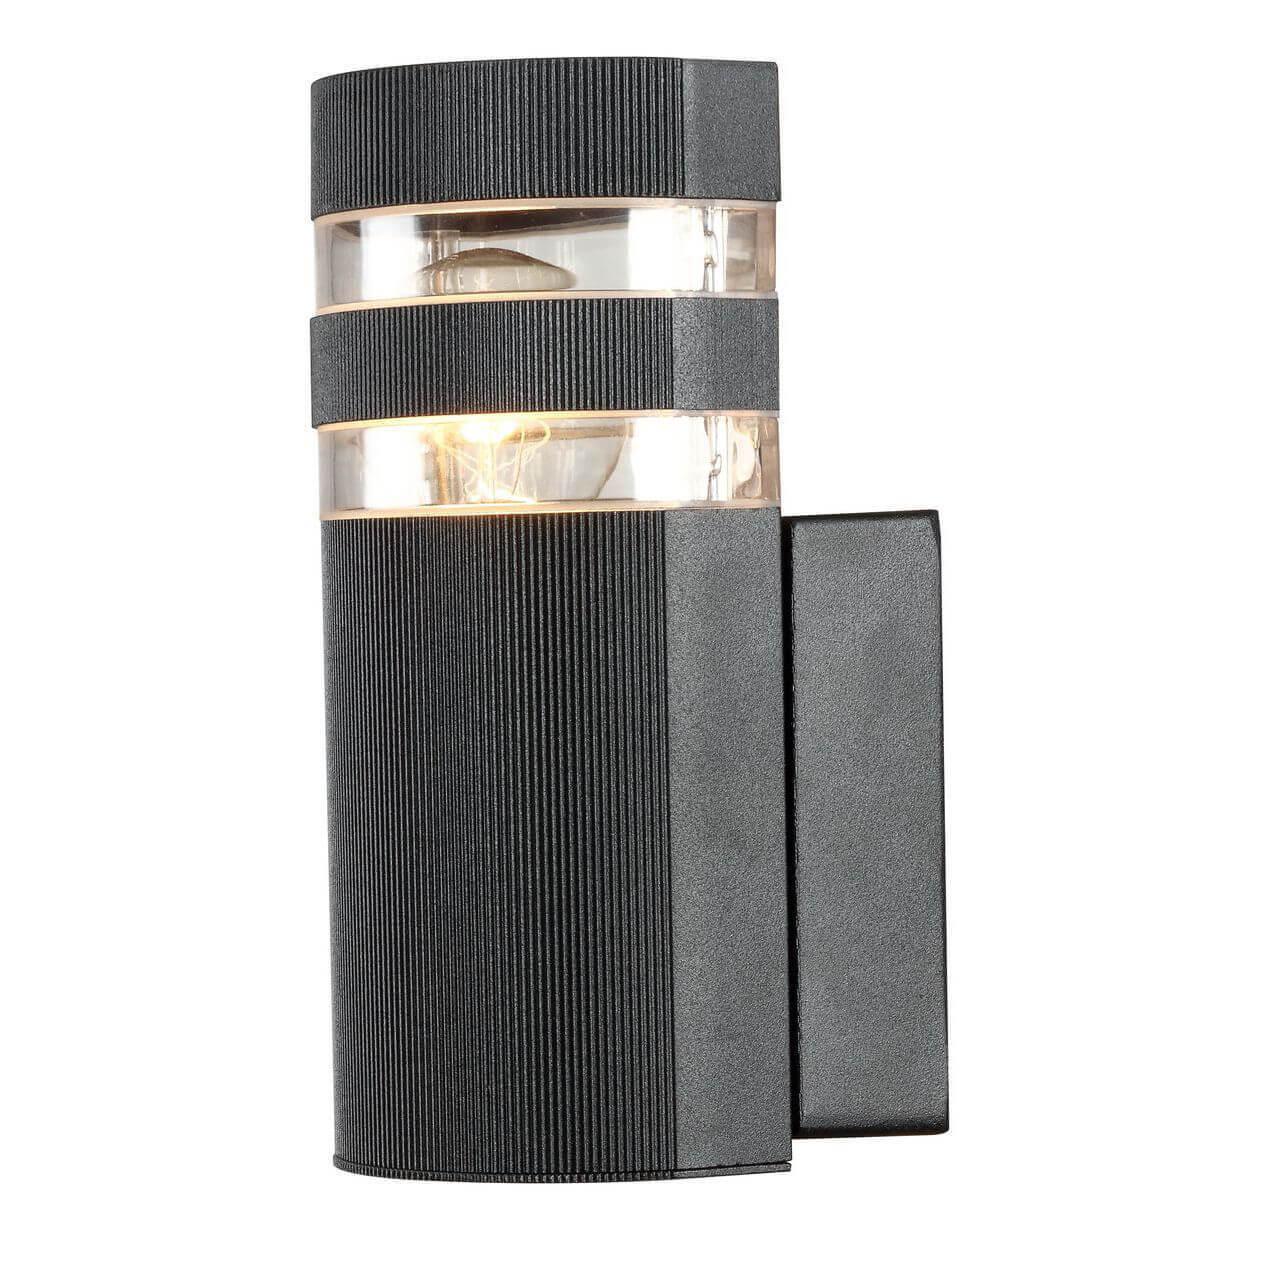 Уличный настенный светильник Arte Lamp Metro A8162AL-1BK цена